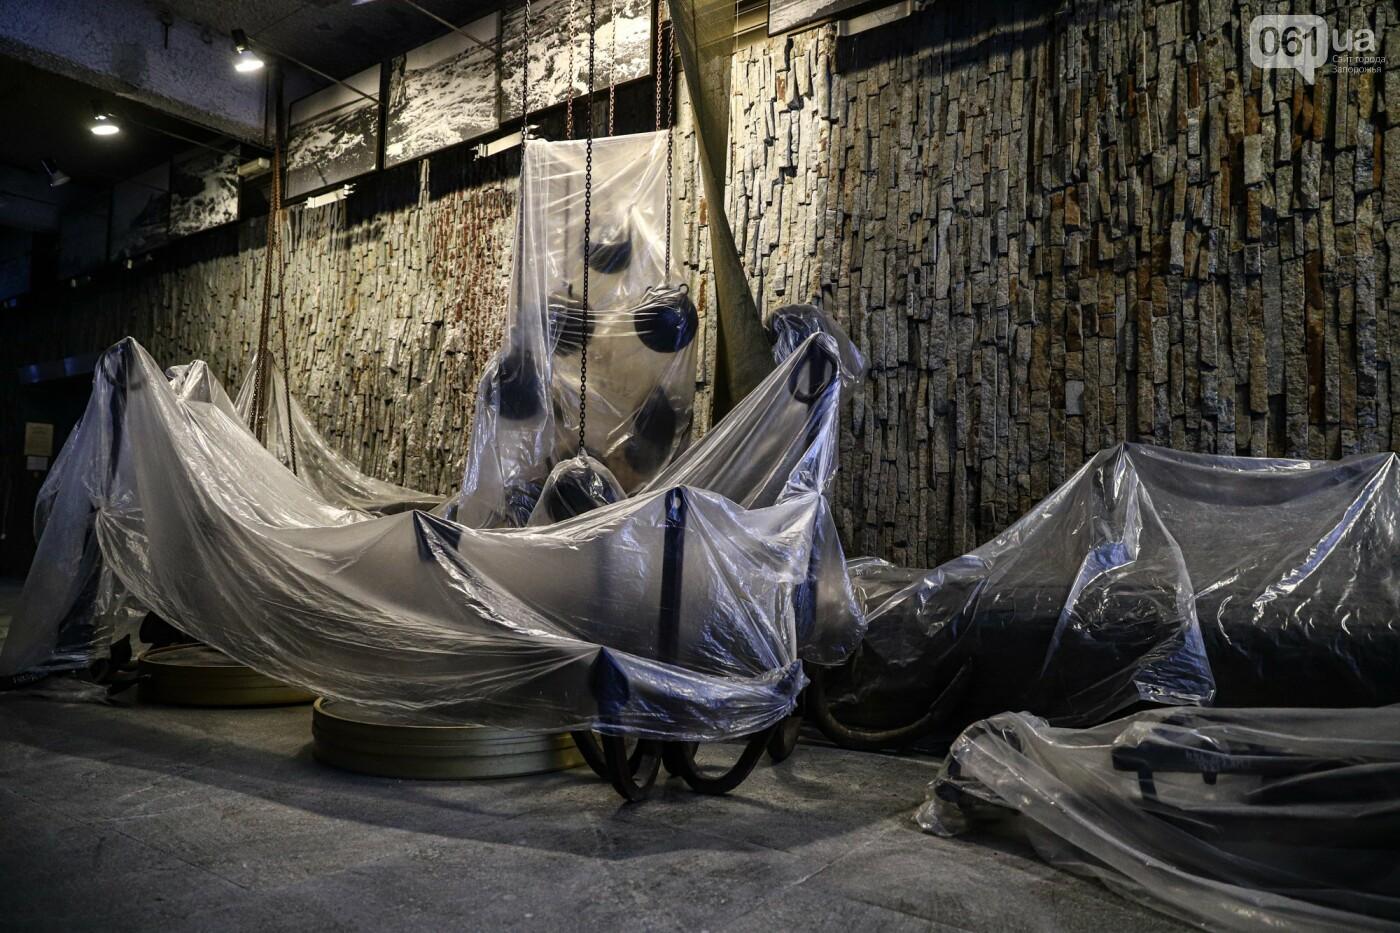 Монтаж первого пролета вантового моста, транспортный локдаун и репортаж из заброшенной шахты: апрель в фотографиях, фото-64